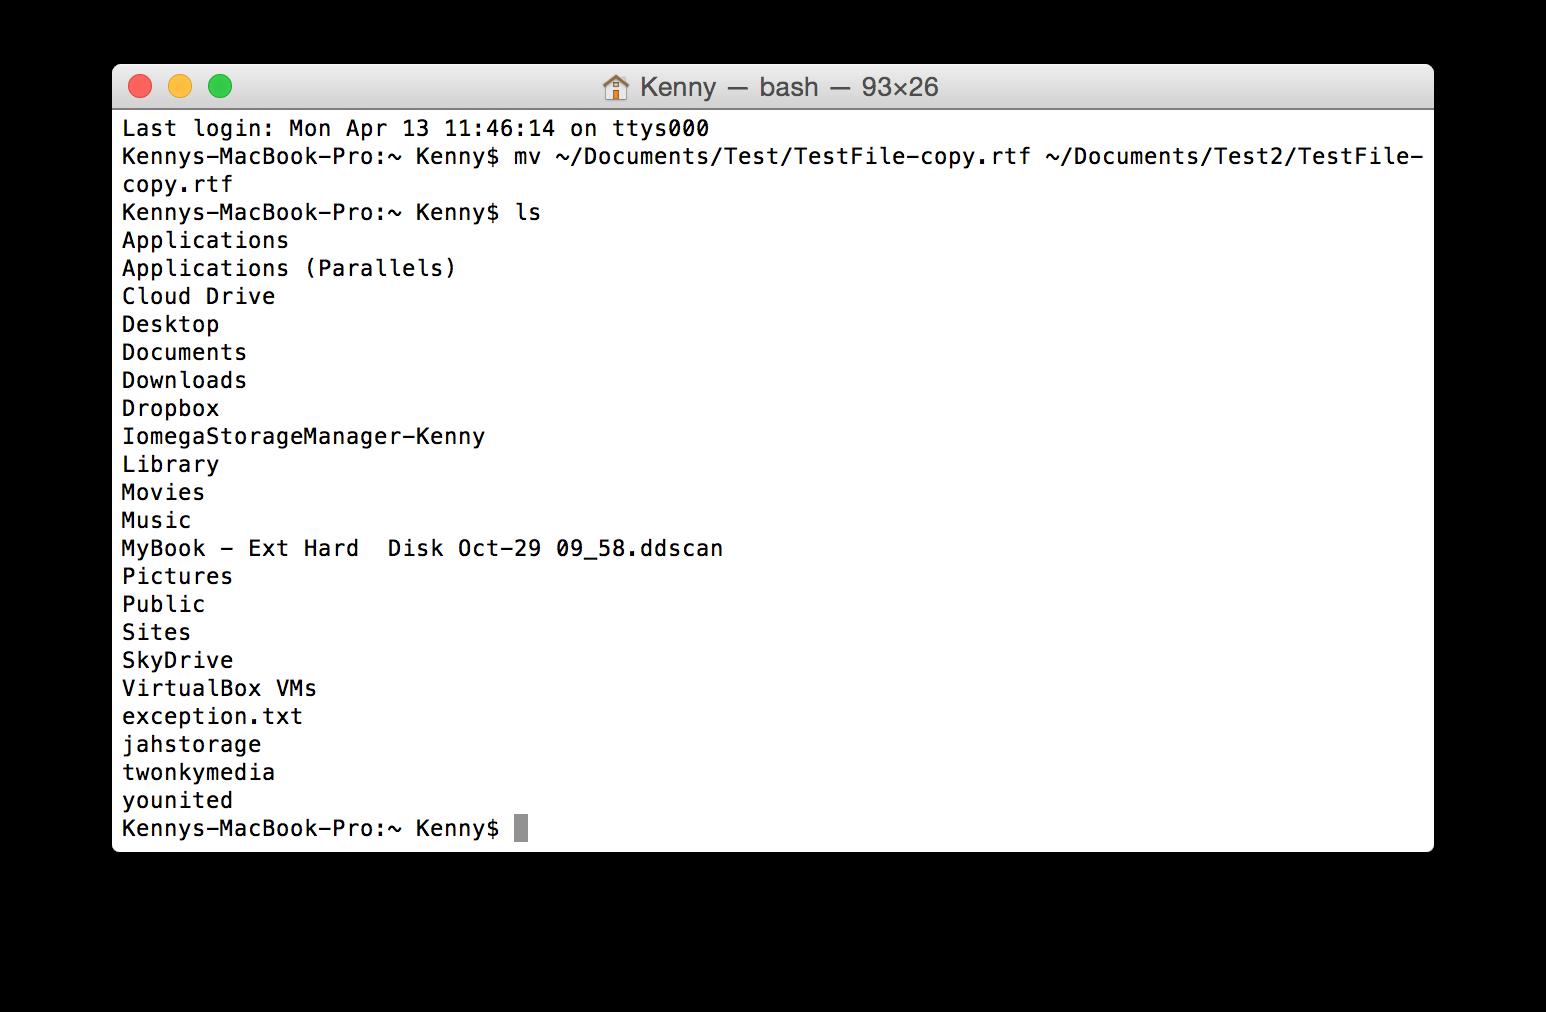 10 lệnh Terminal giúp bạn tối ưu sử dụng máy Mac